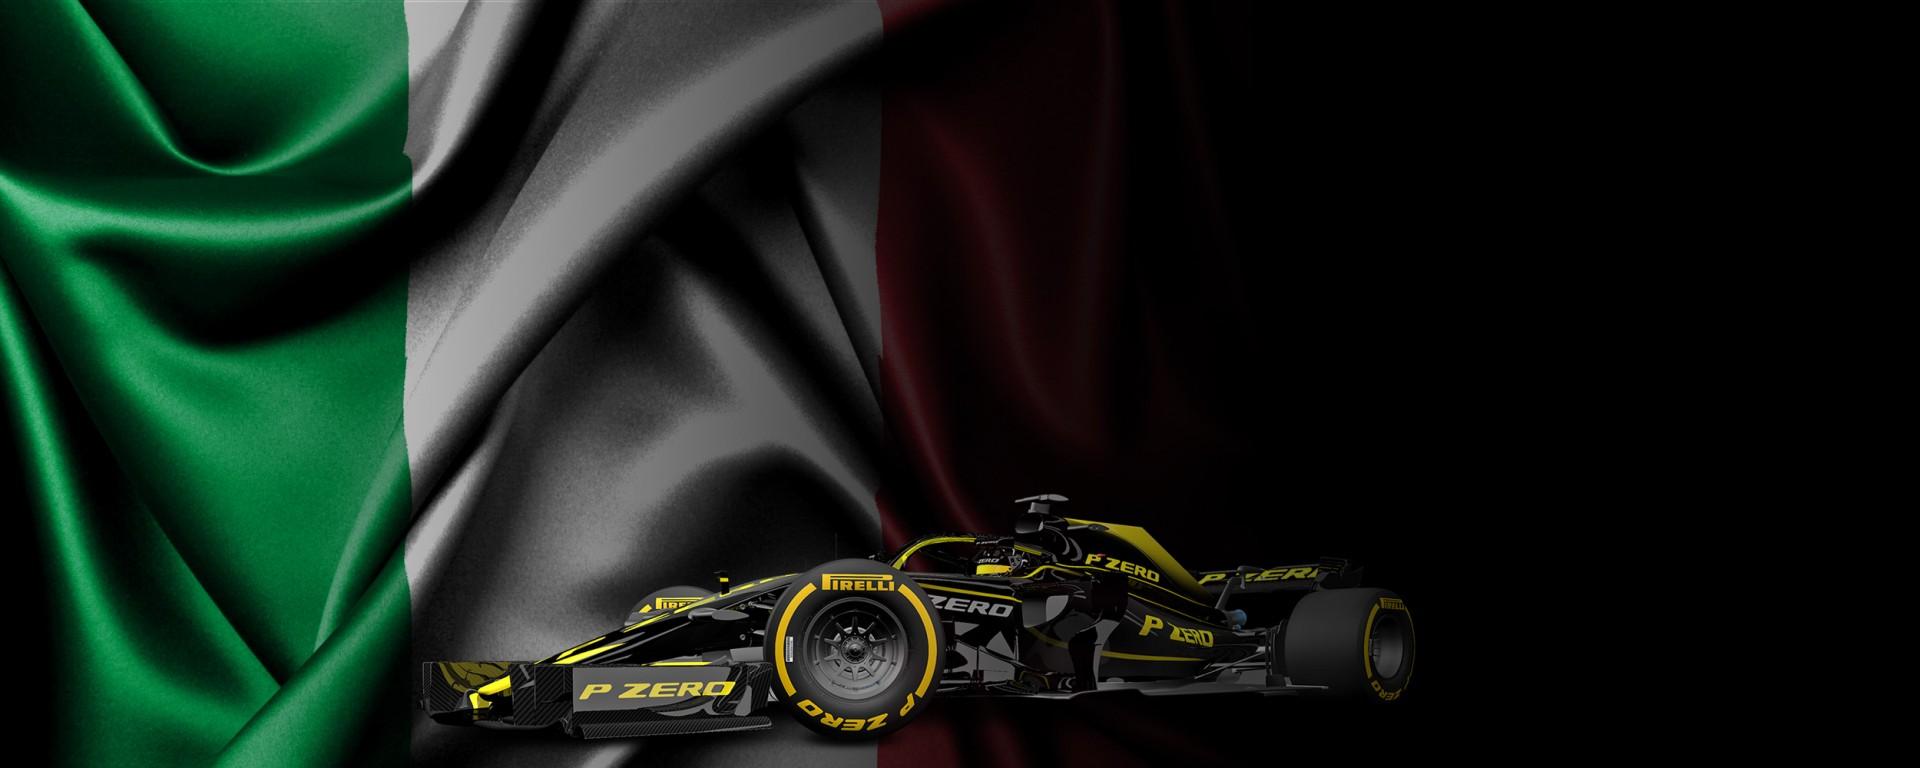 2019 Italian Grand Prix – Preview